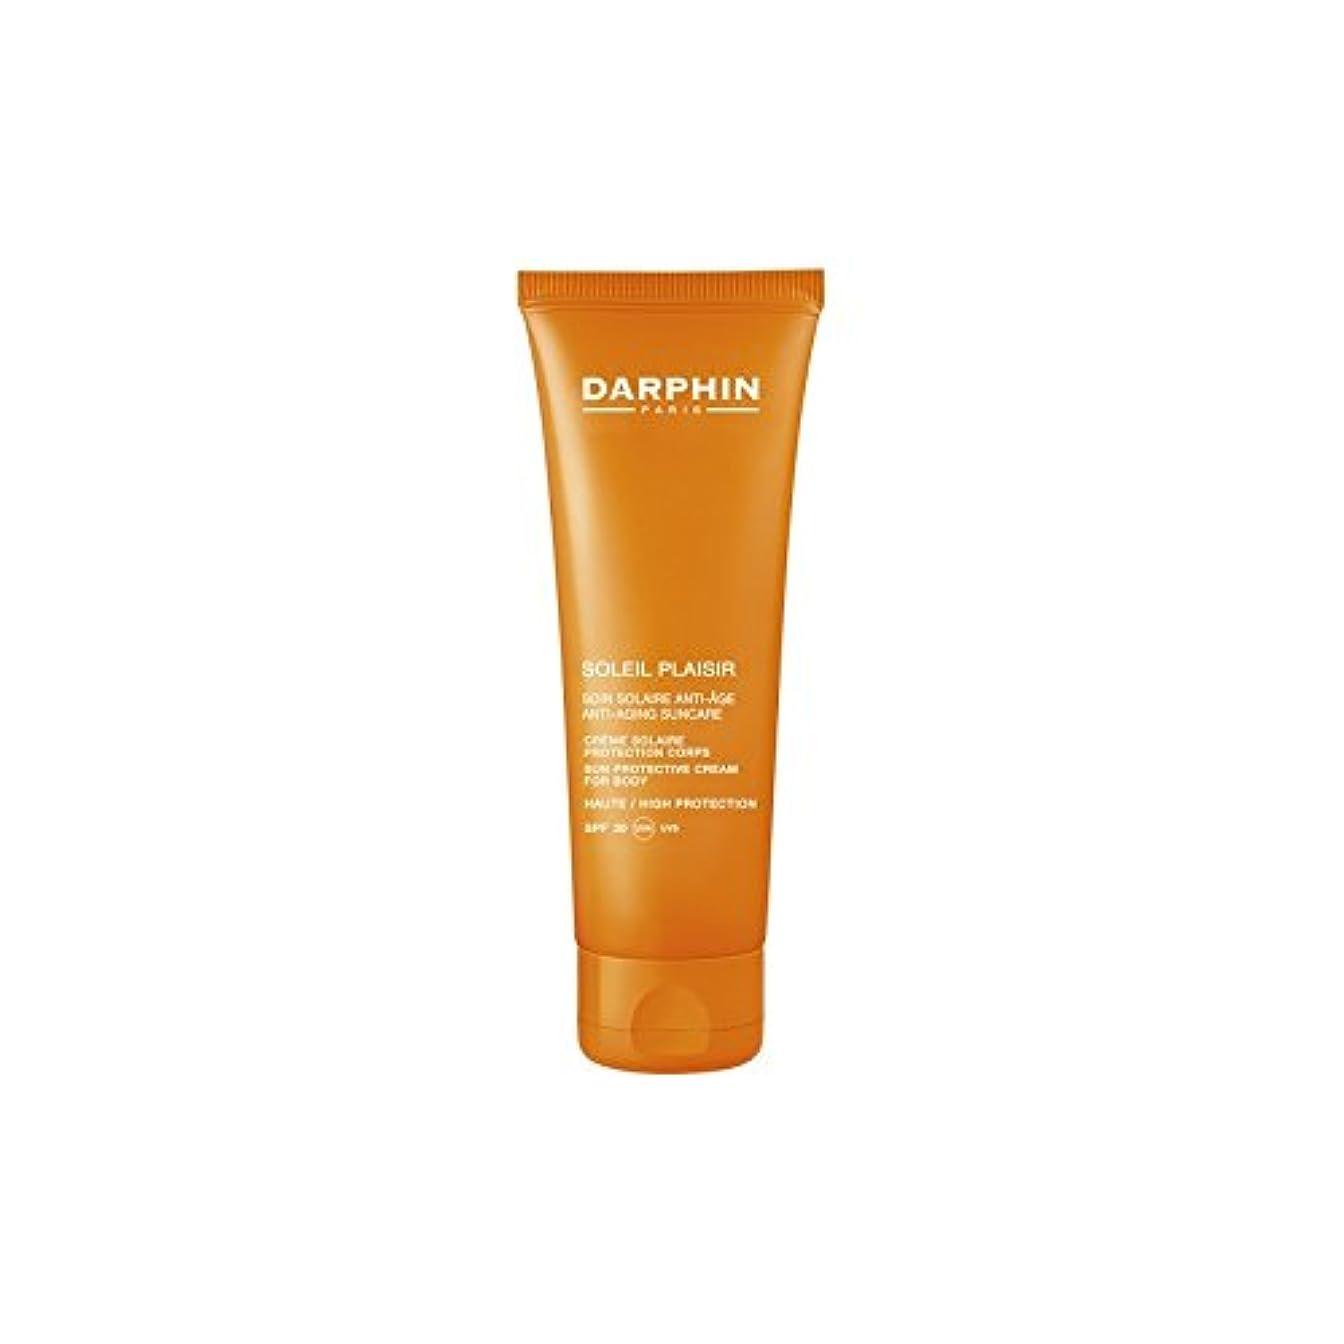 プラットフォーム謝罪溶けるダルファンソレイユプレジールボディクリーム x2 - Darphin Soleil Plaisir Body Cream (Pack of 2) [並行輸入品]